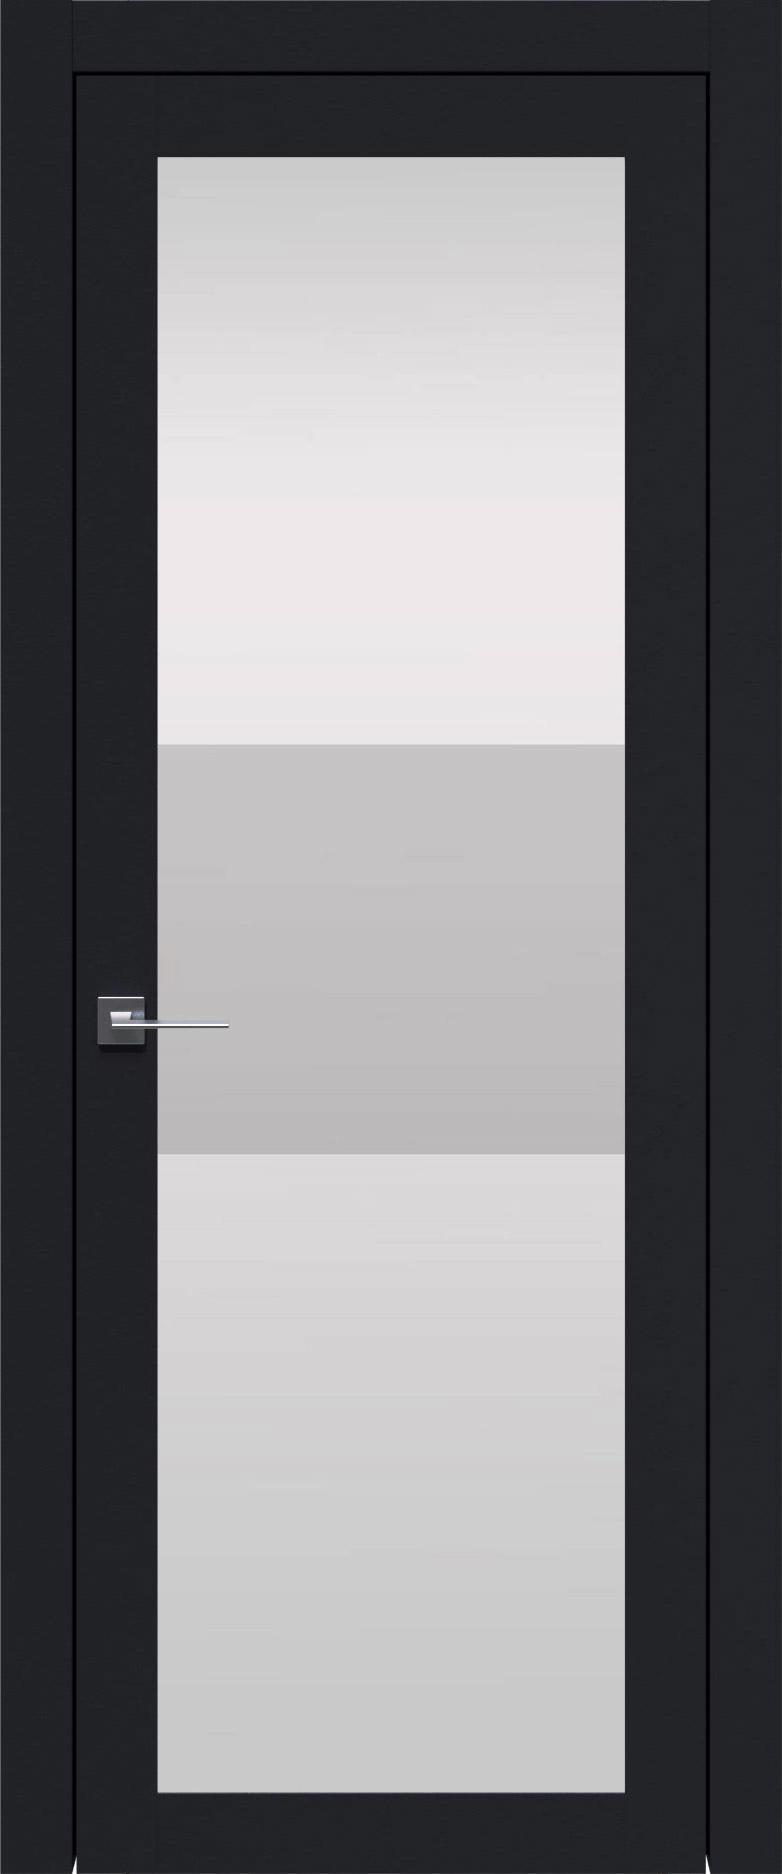 Tivoli З-4 цвет - Черная эмаль (RAL 9004) Со стеклом (ДО)